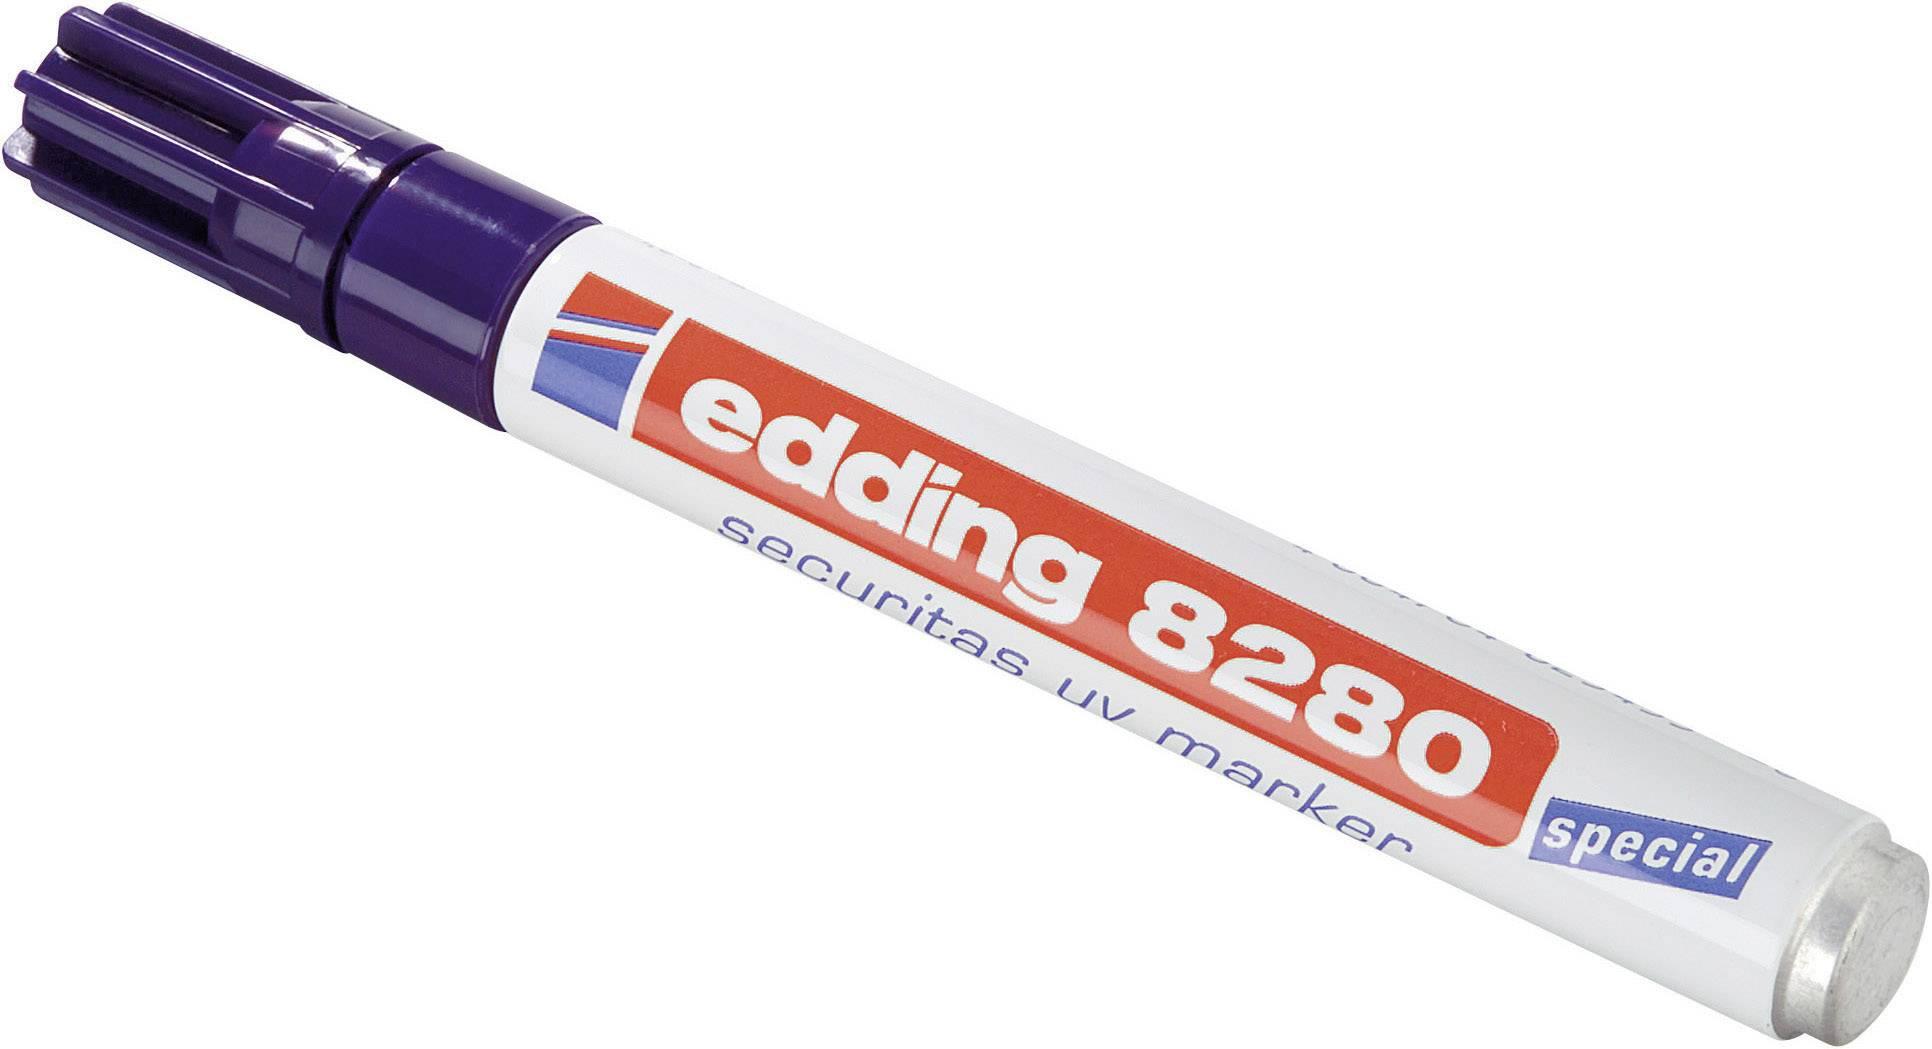 Ultrafialový popisovač edding 8280,